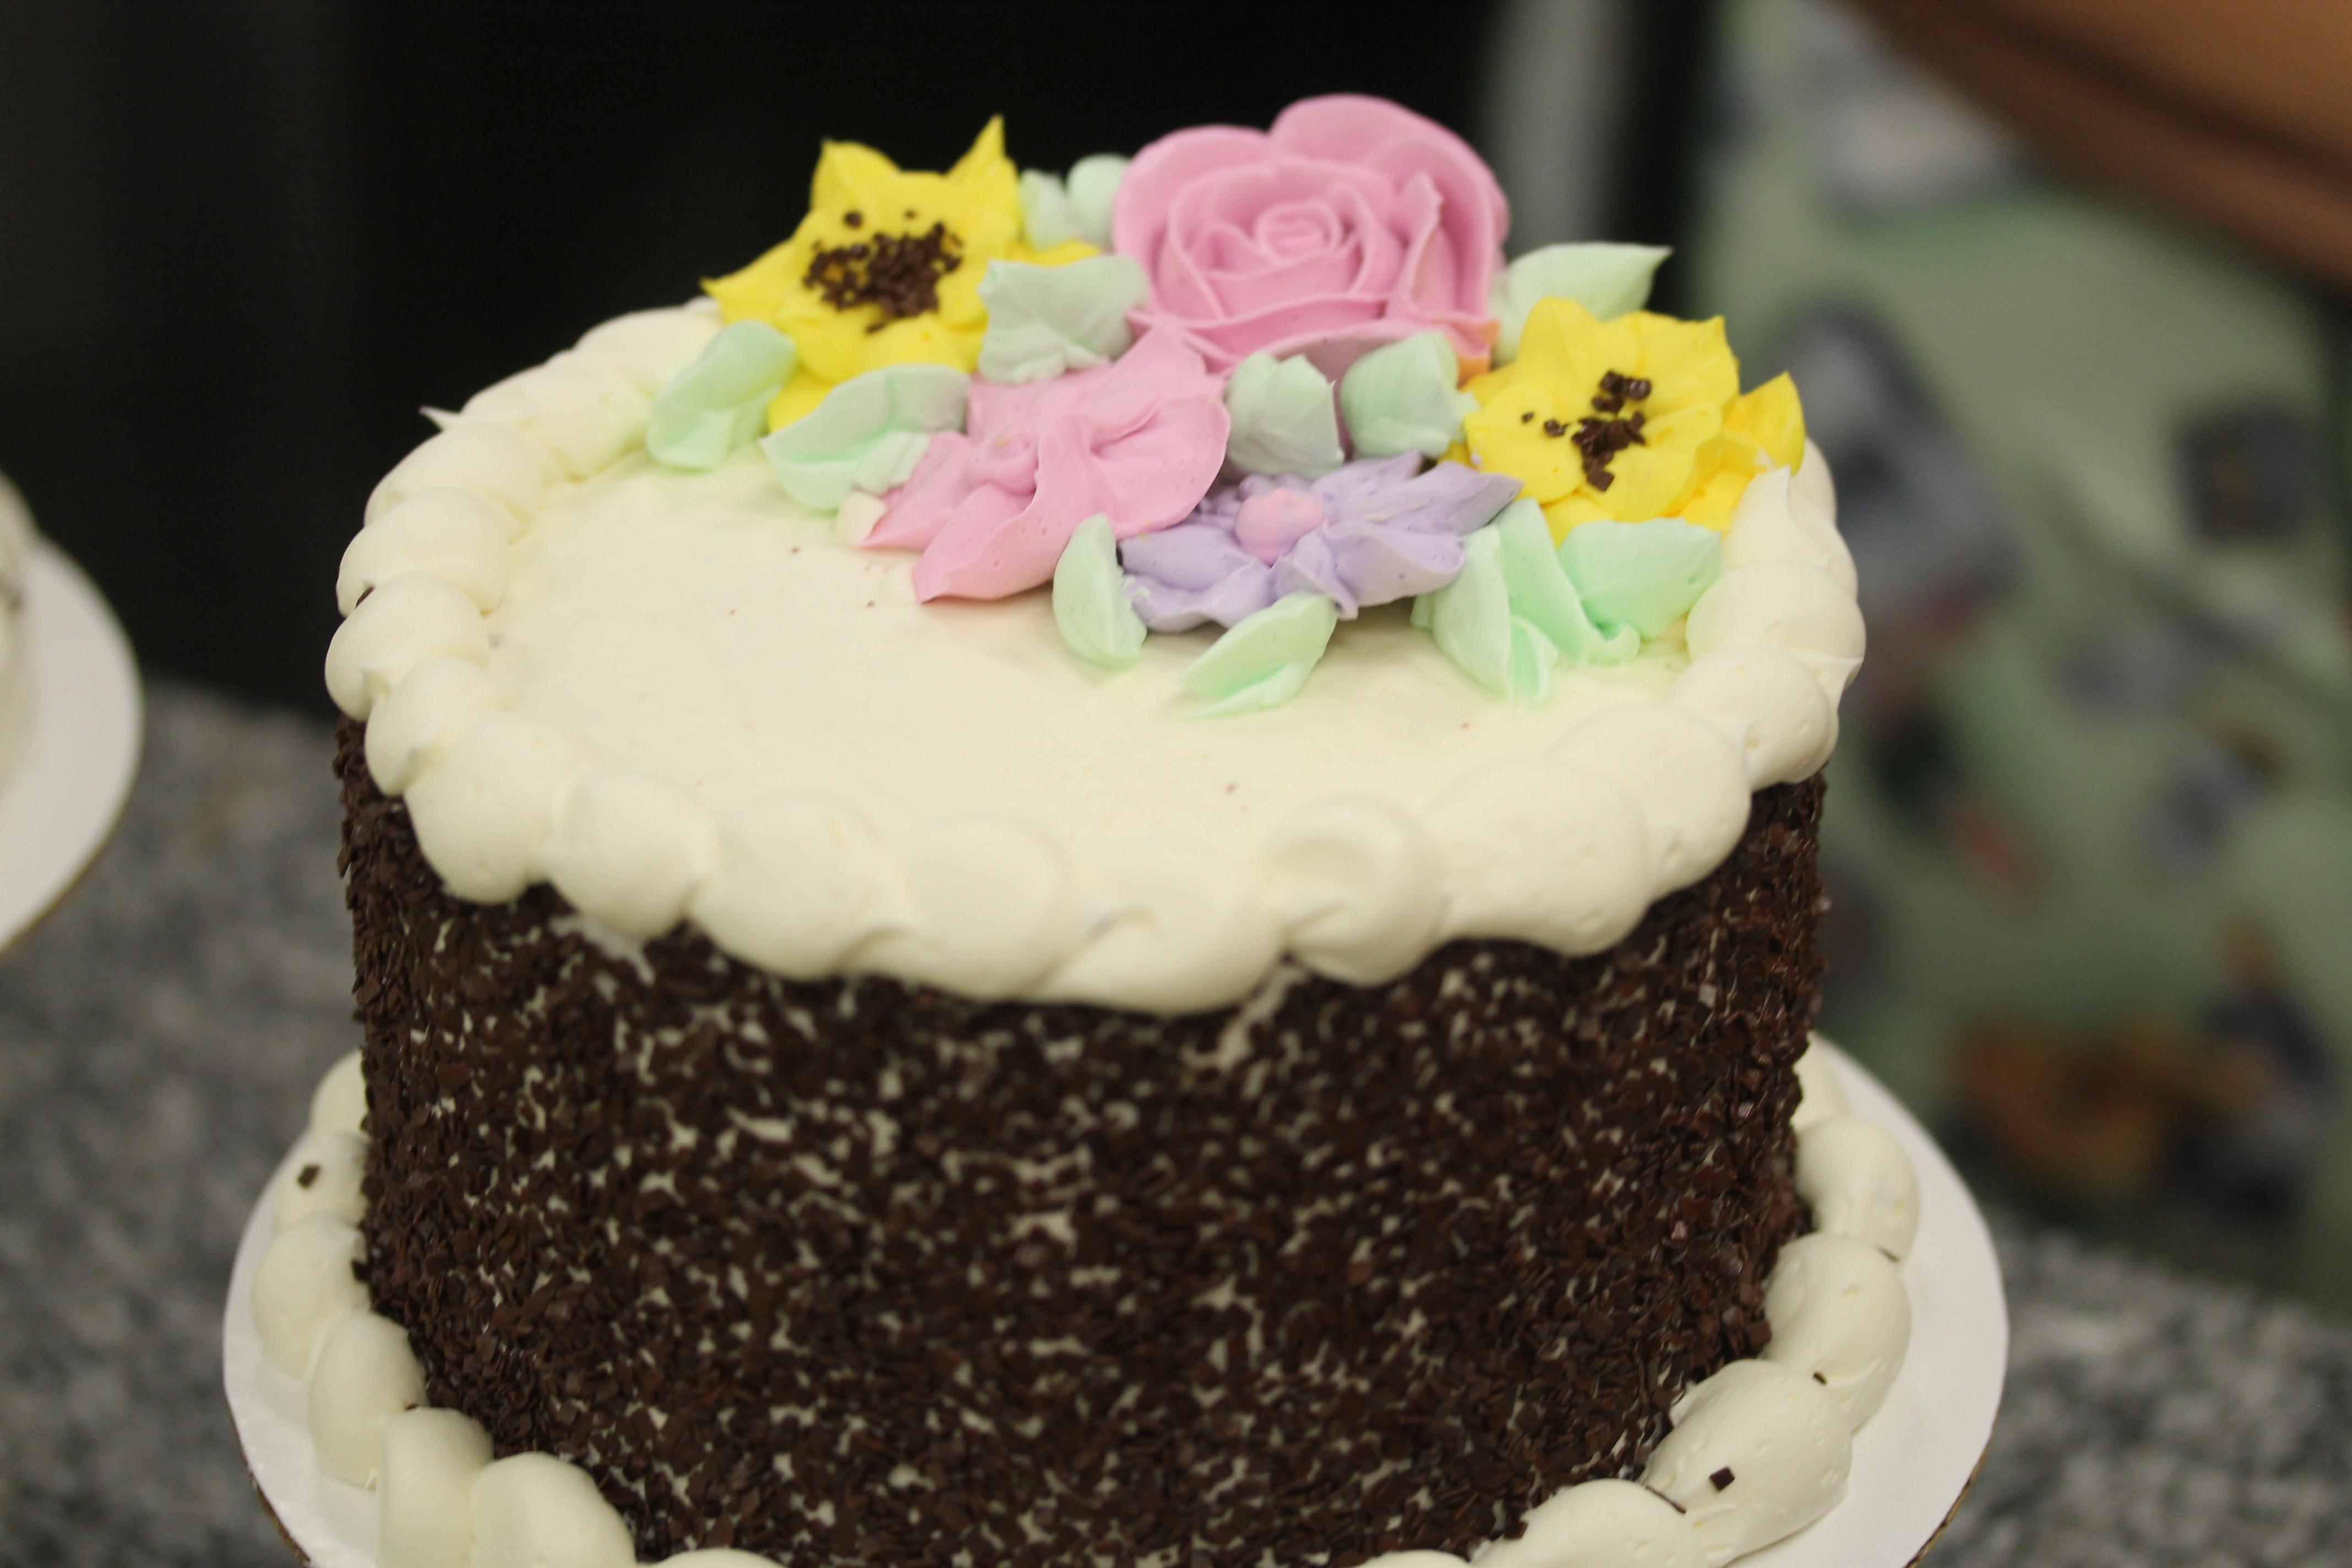 Cake Decoration @ William Dean Chocolates, Belleair Bluffs - 27 ...